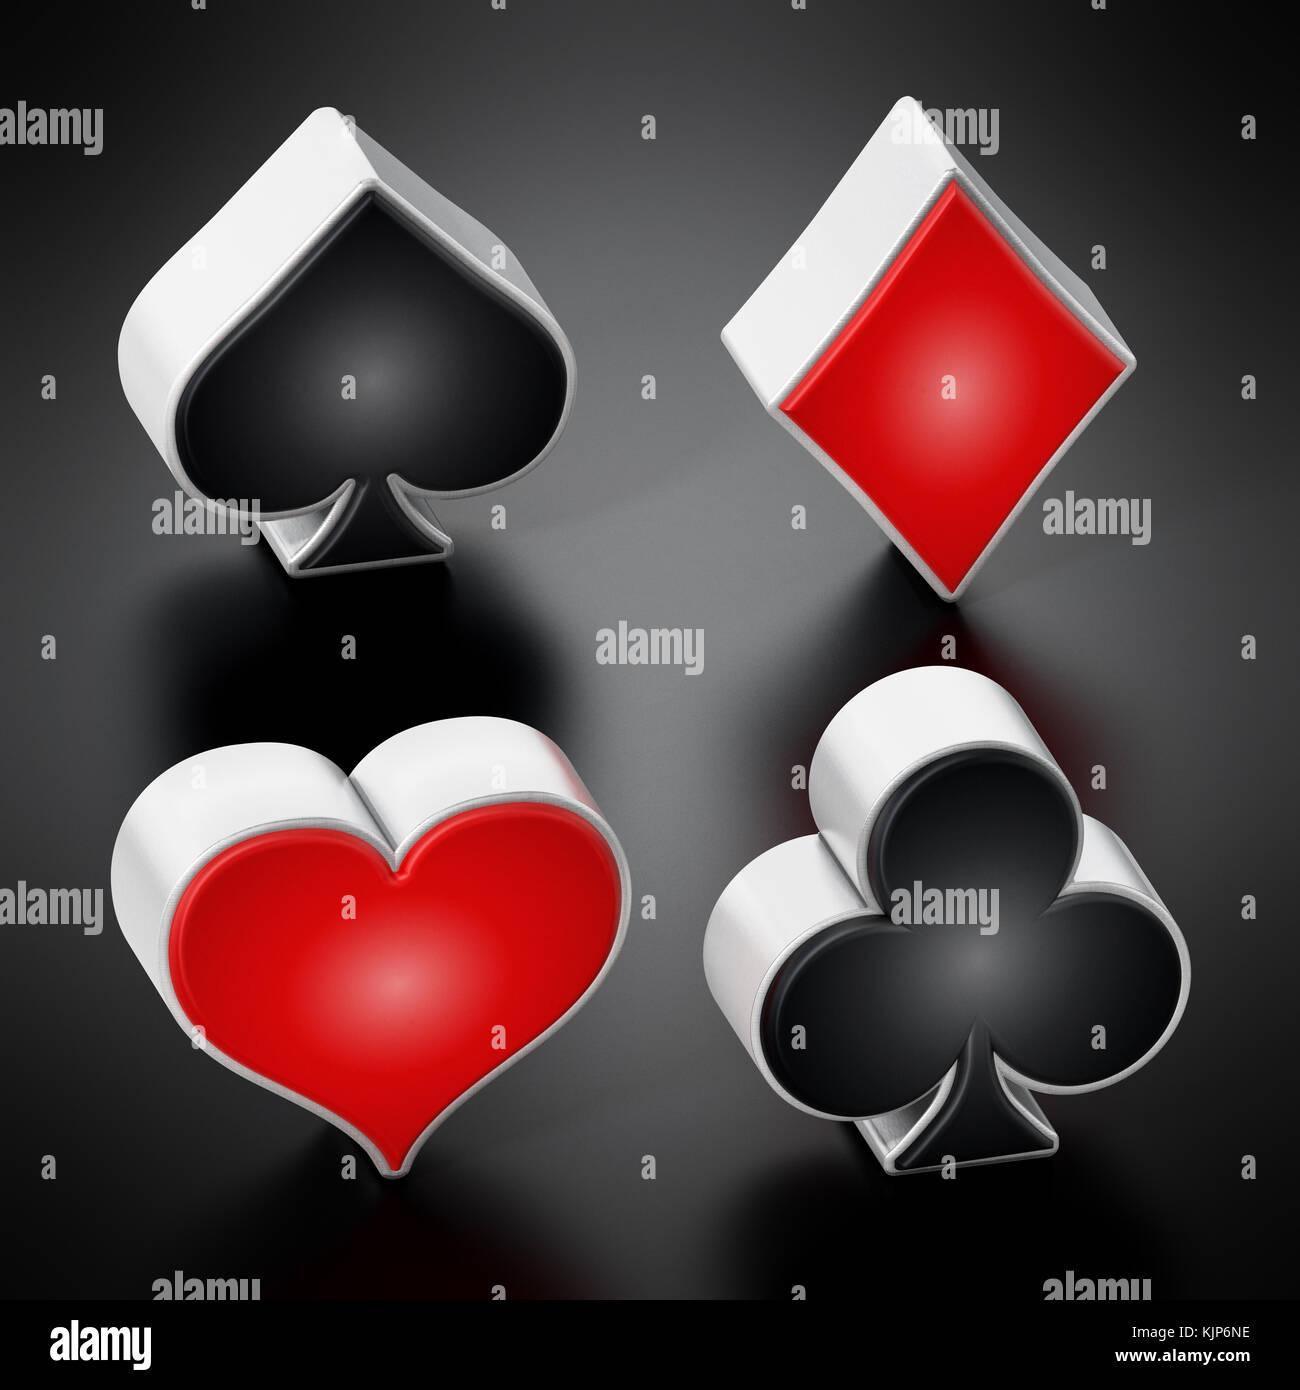 Carta da gioco adatta a simboli in piedi su sfondo nero. 3d'illustrazione. Immagini Stock